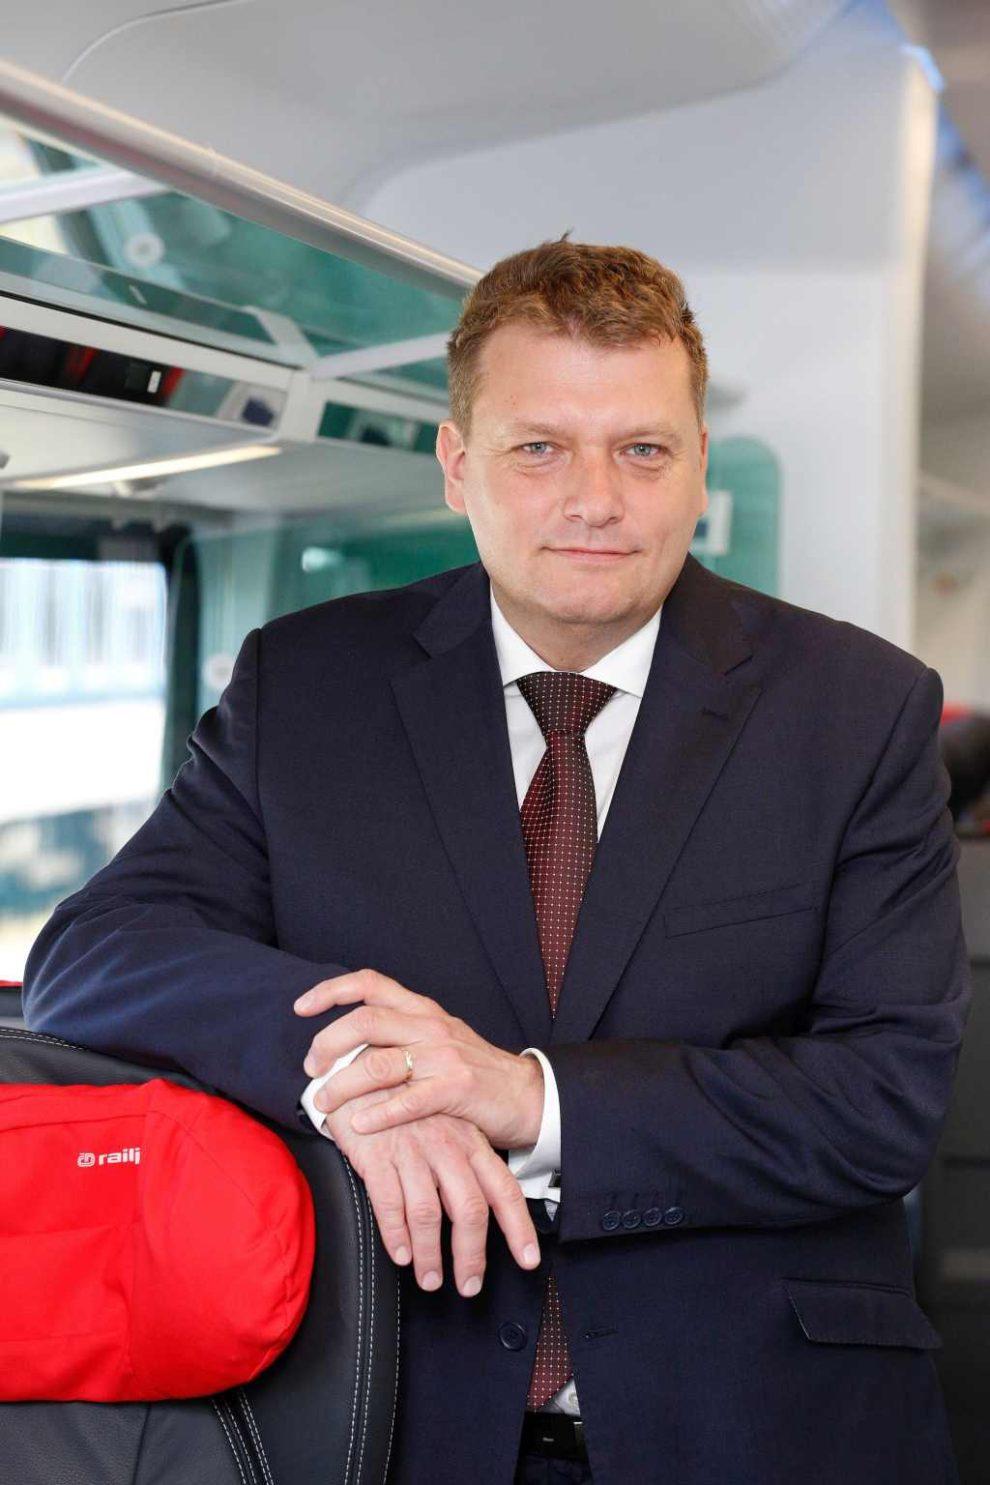 Bývalý předseda představenstva Českých drah Pavel Krtek. Foto: České dráhy